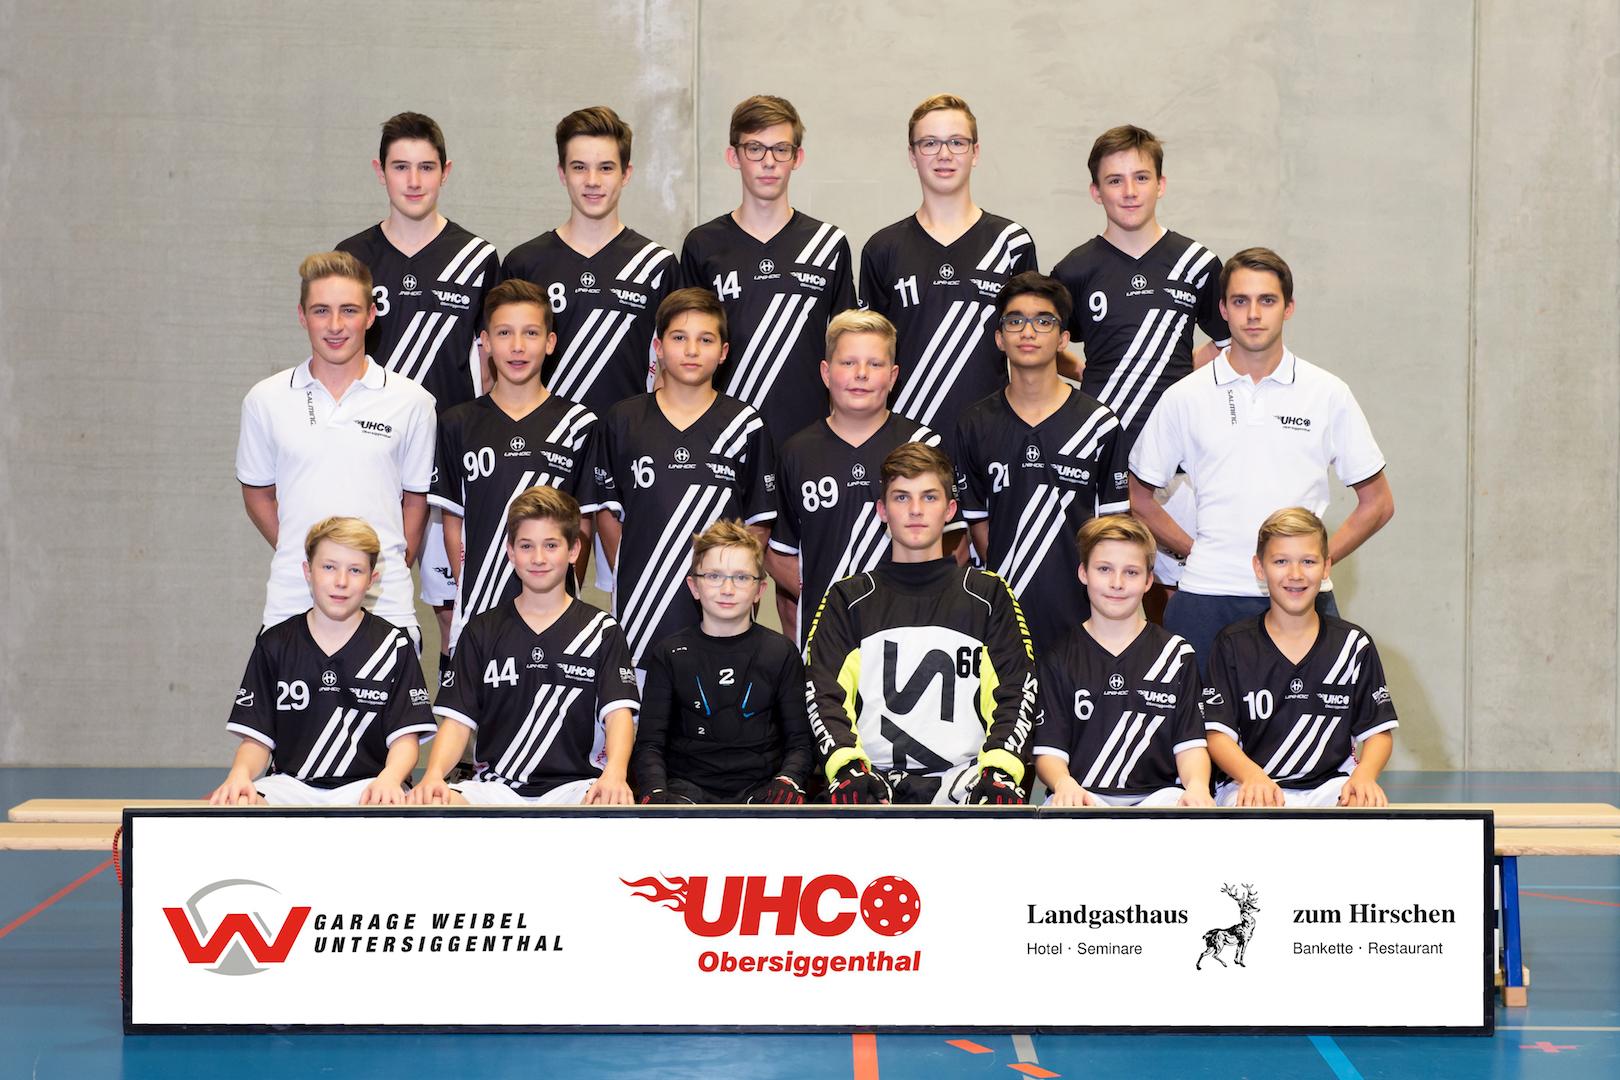 Teamfoto Junioren U16 2017/18